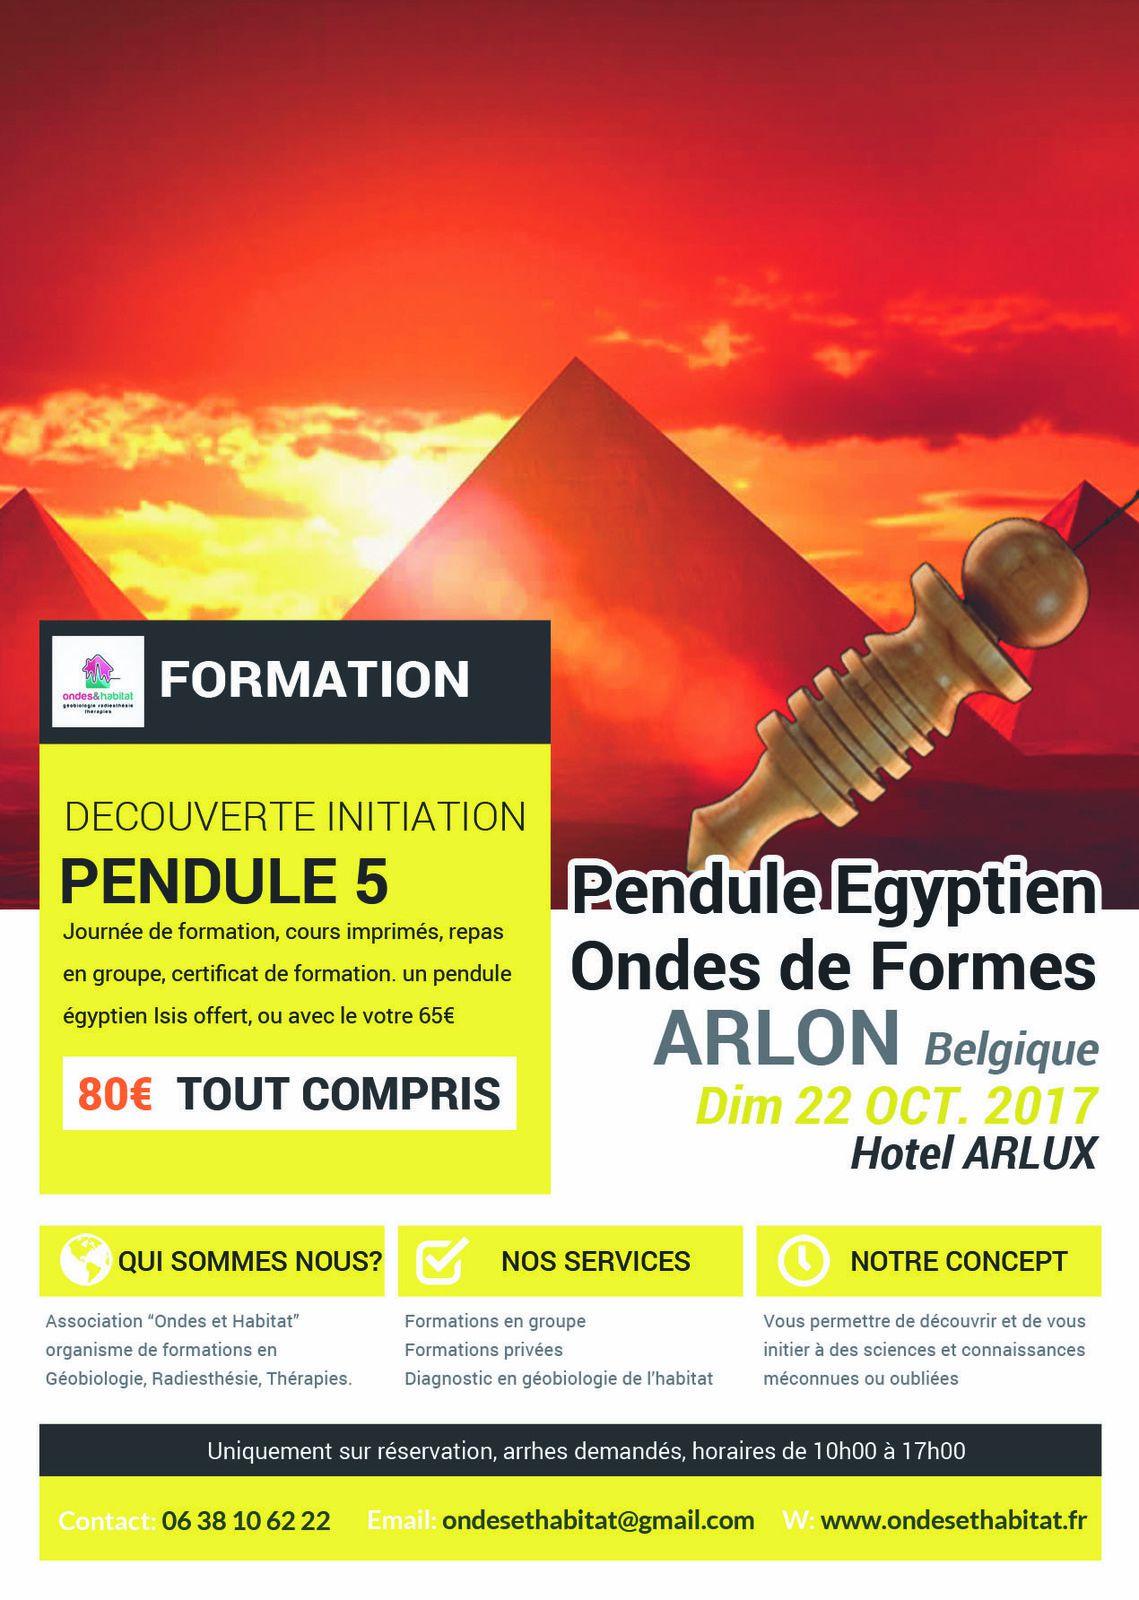 ARLON Formation Pendule 5 : 'Pendule égyptien et Ondes de Formes&quot&#x3B;  22 octobre 2017